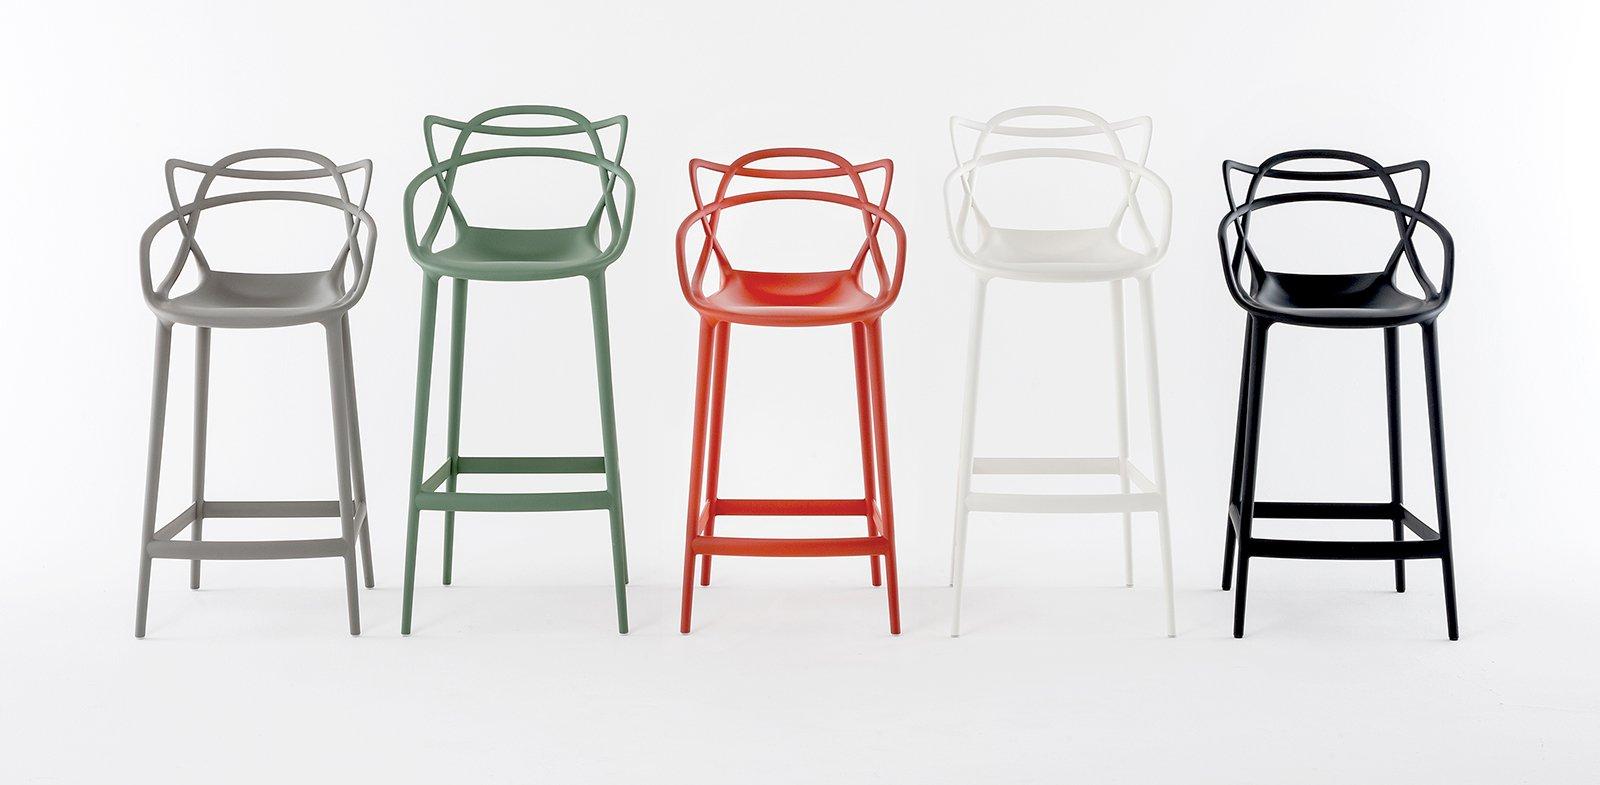 Sgabelli scegli il tuo stile cose di casa - Sedie di design famosi ...